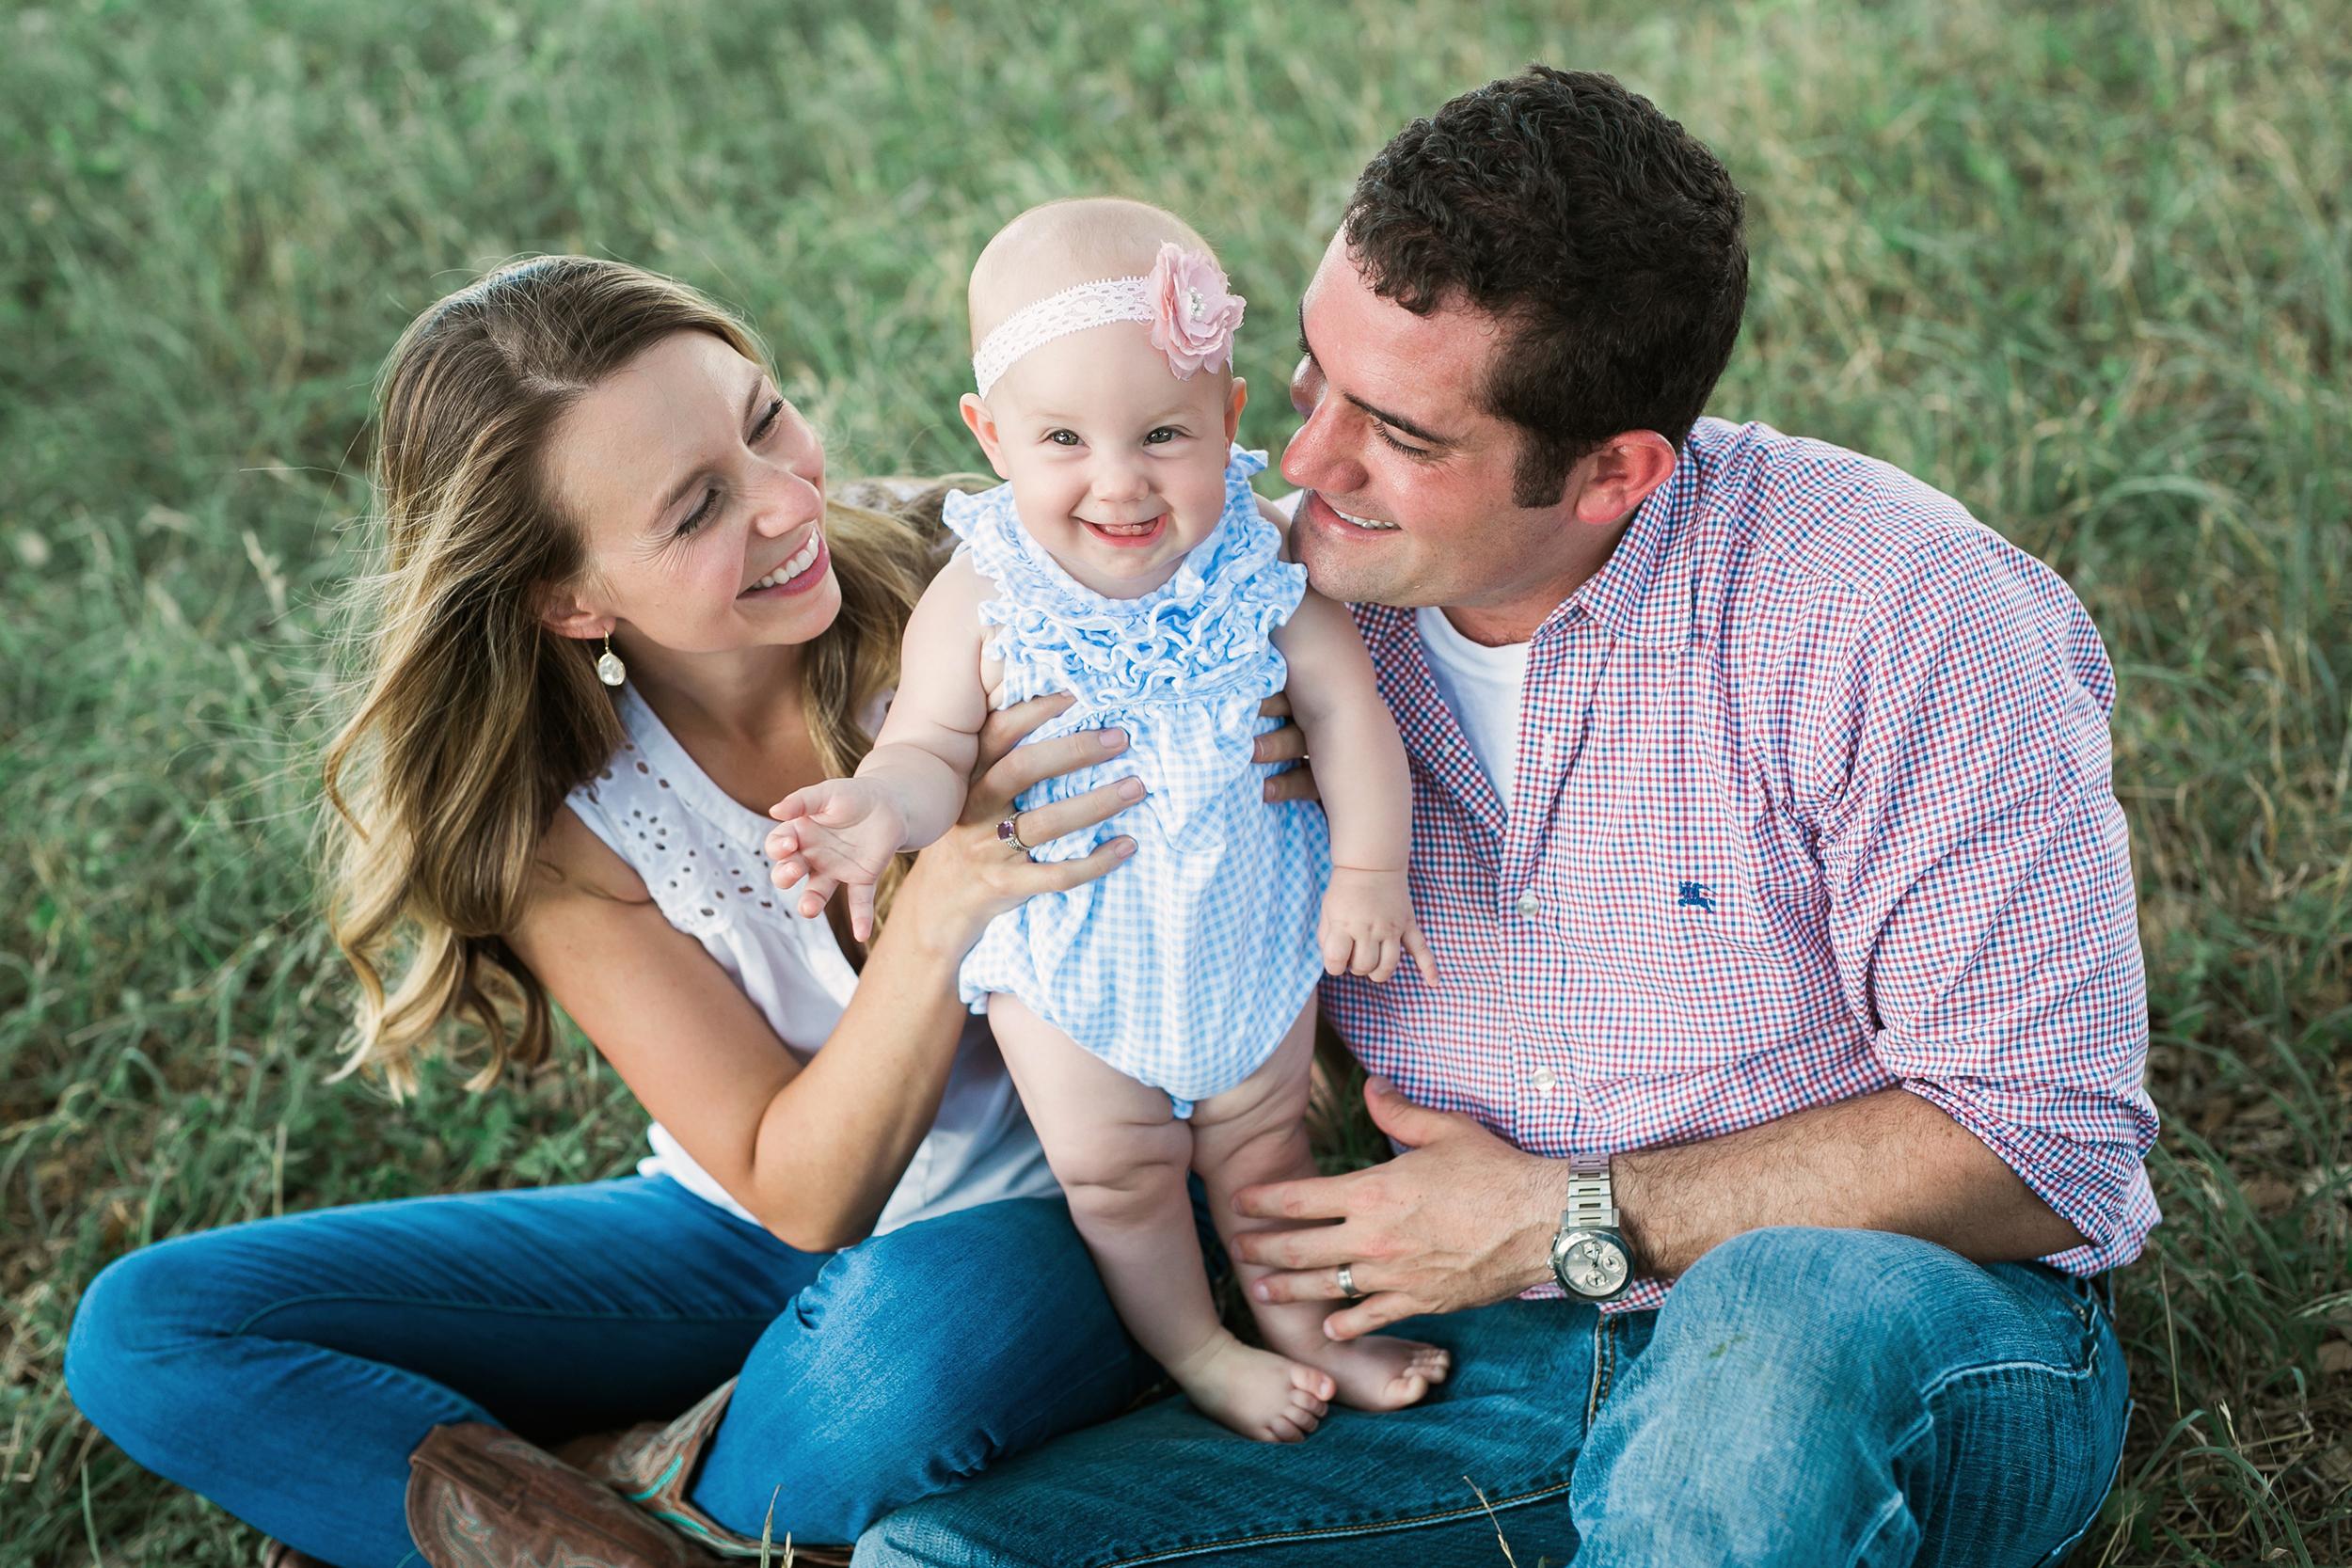 Austin_TX_Family_Photographer_KBP122.jpg